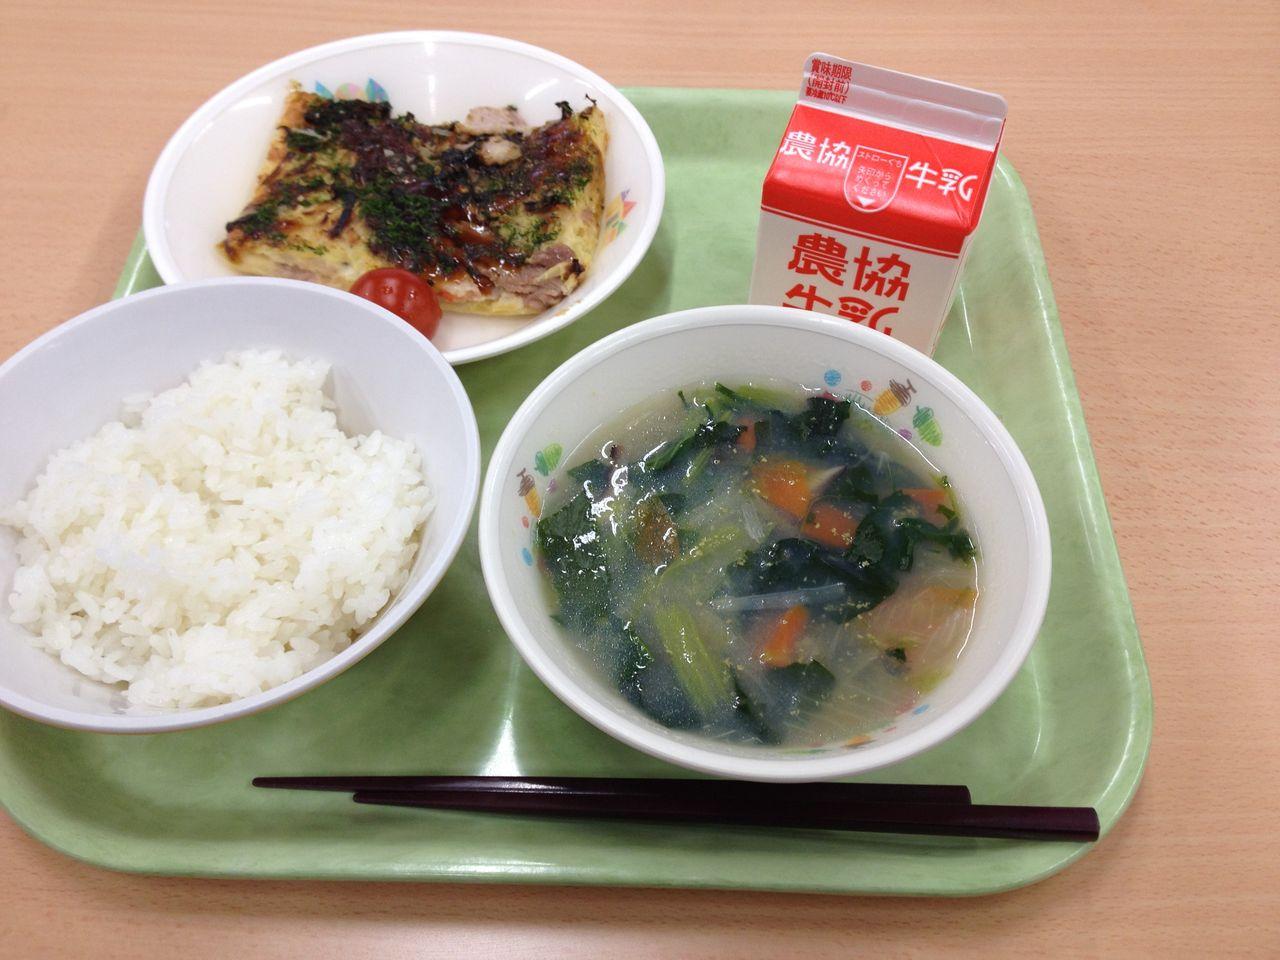 2013:02:18:2038蕪城小学校での給食